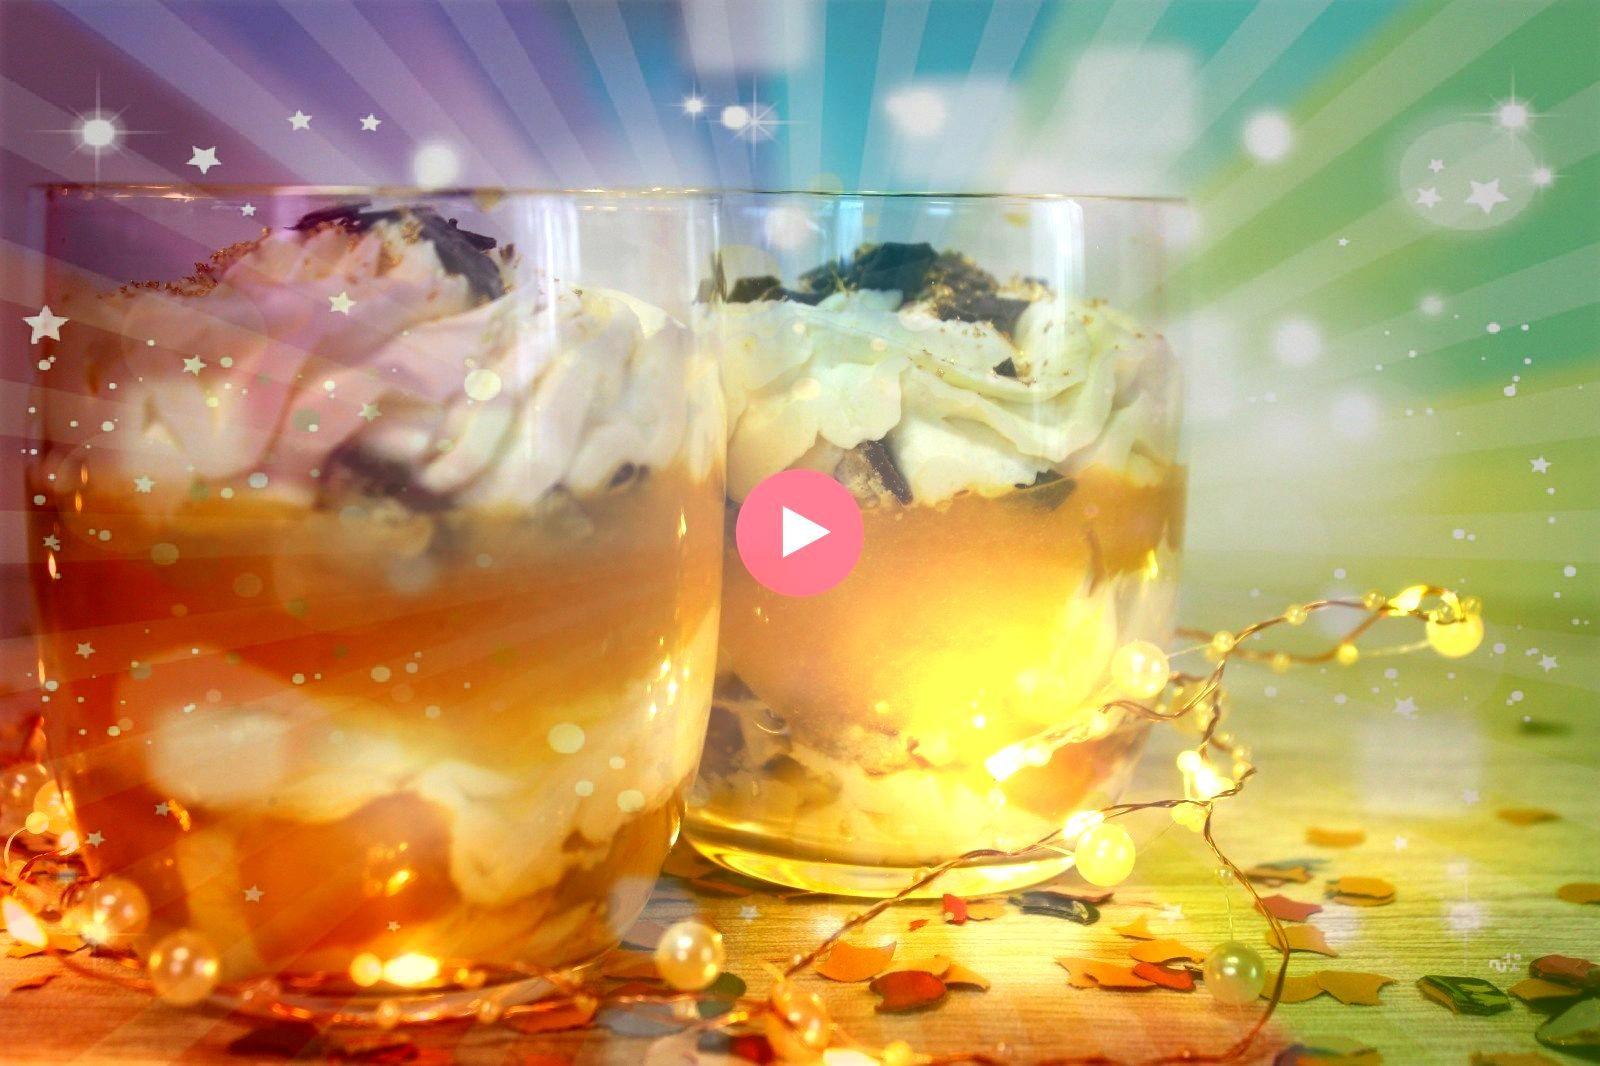 Mascarpone Pfirsich Dessert  für Silvester Geburtstage oder einfach so Mascarpone Pfirsich Dessert schnelles Dessert Rezept Nachtisch im Glas Dessert im Glas Nachtis...